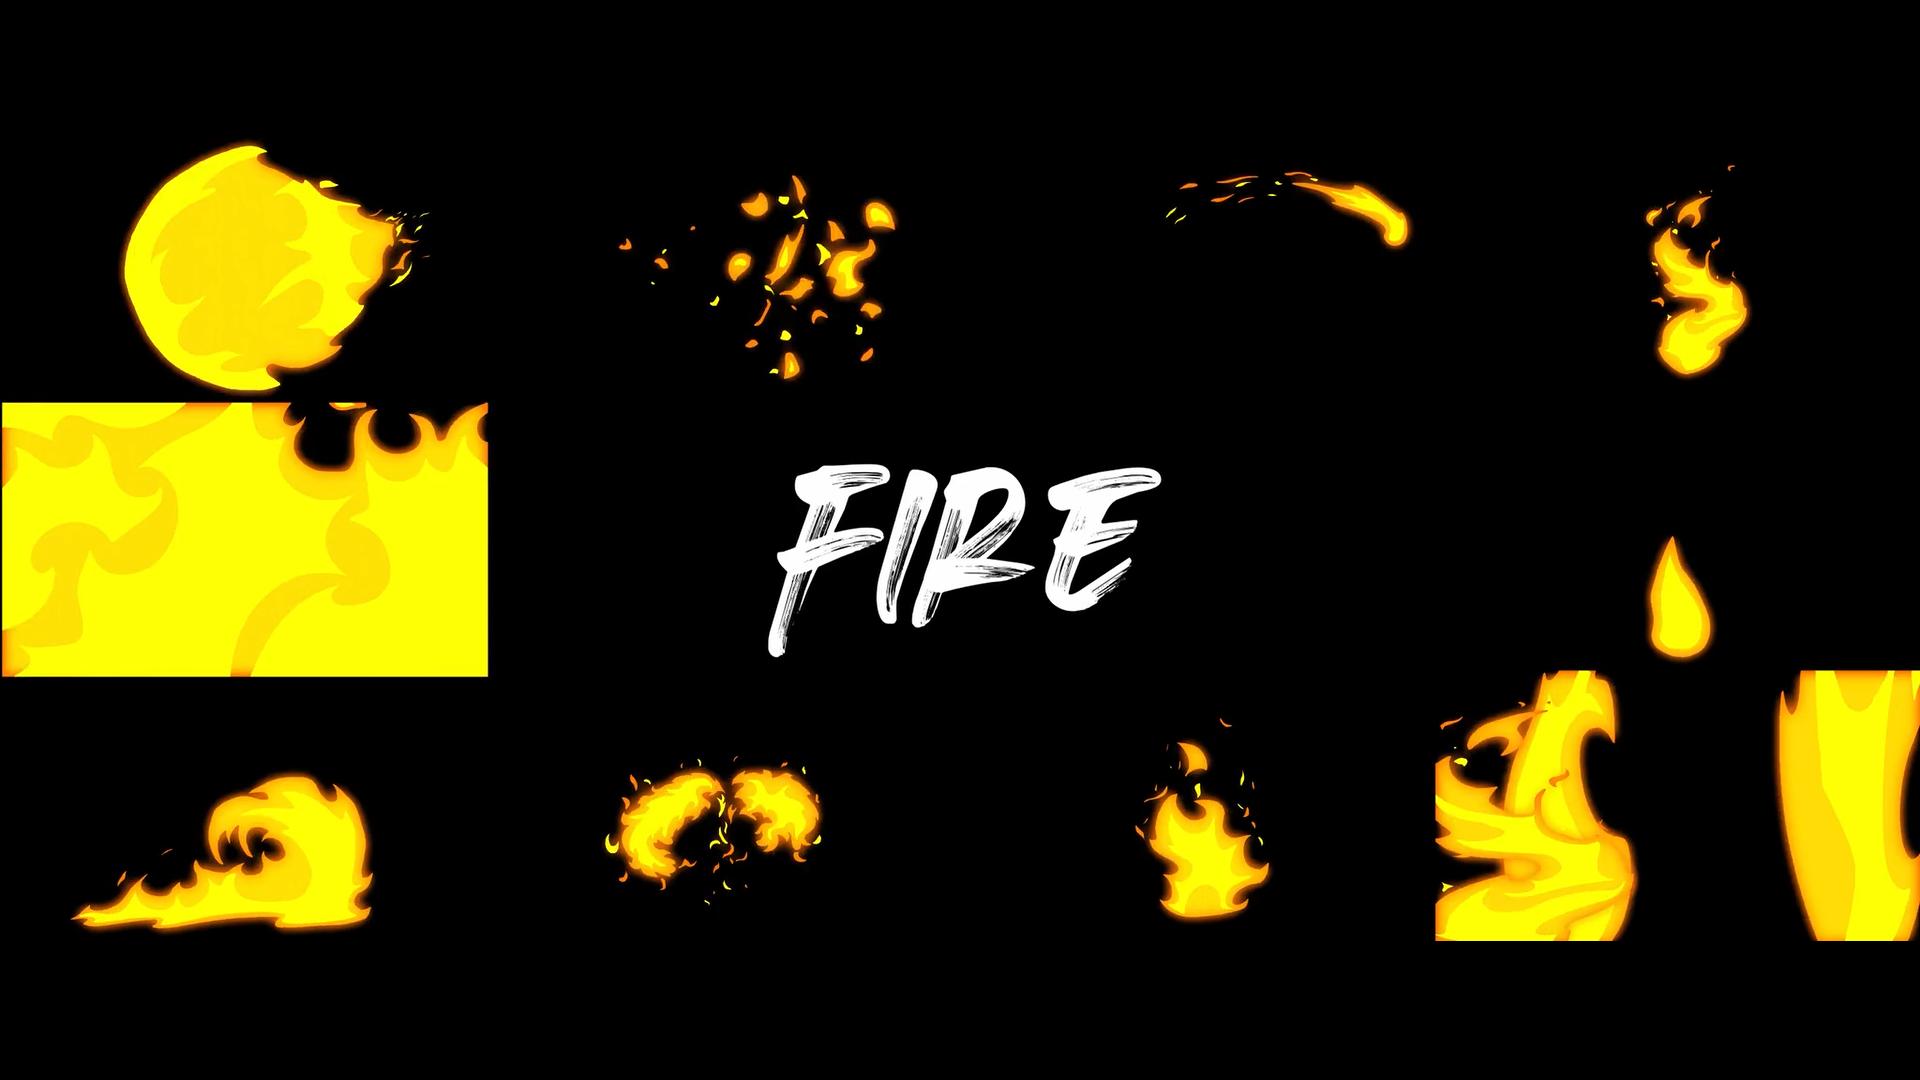 Cinepacks 2d卡通动画爆炸动作水花飞溅火焰效果烟雾缭绕视频素材(4370)插图(7)